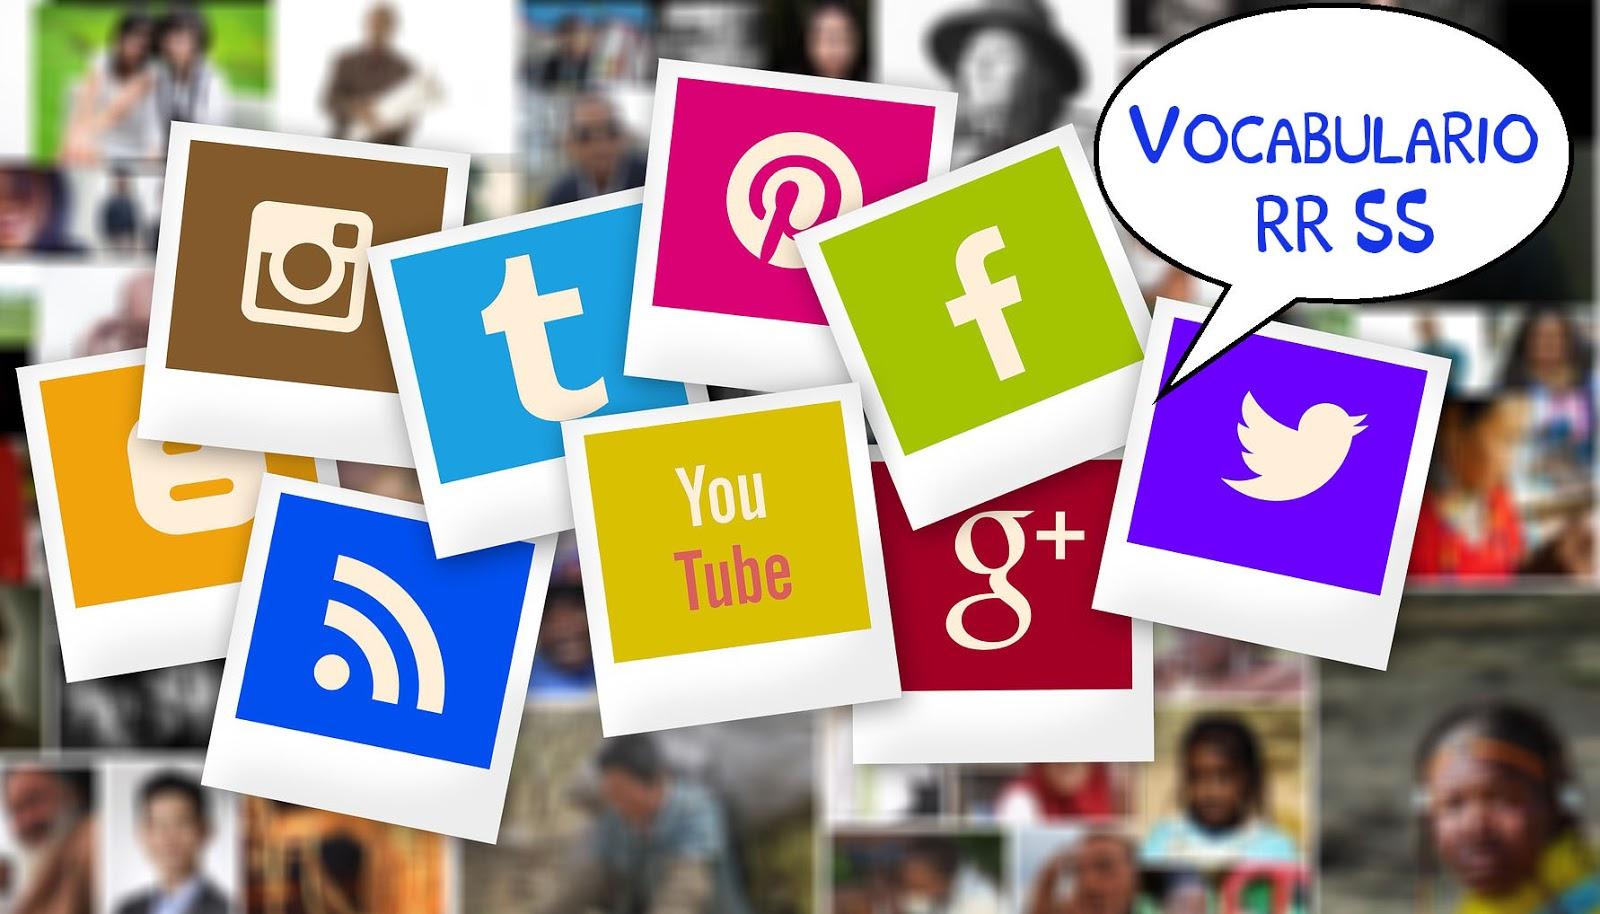 Vocabulario de Redes Sociales  Cuántas de estas palabras te